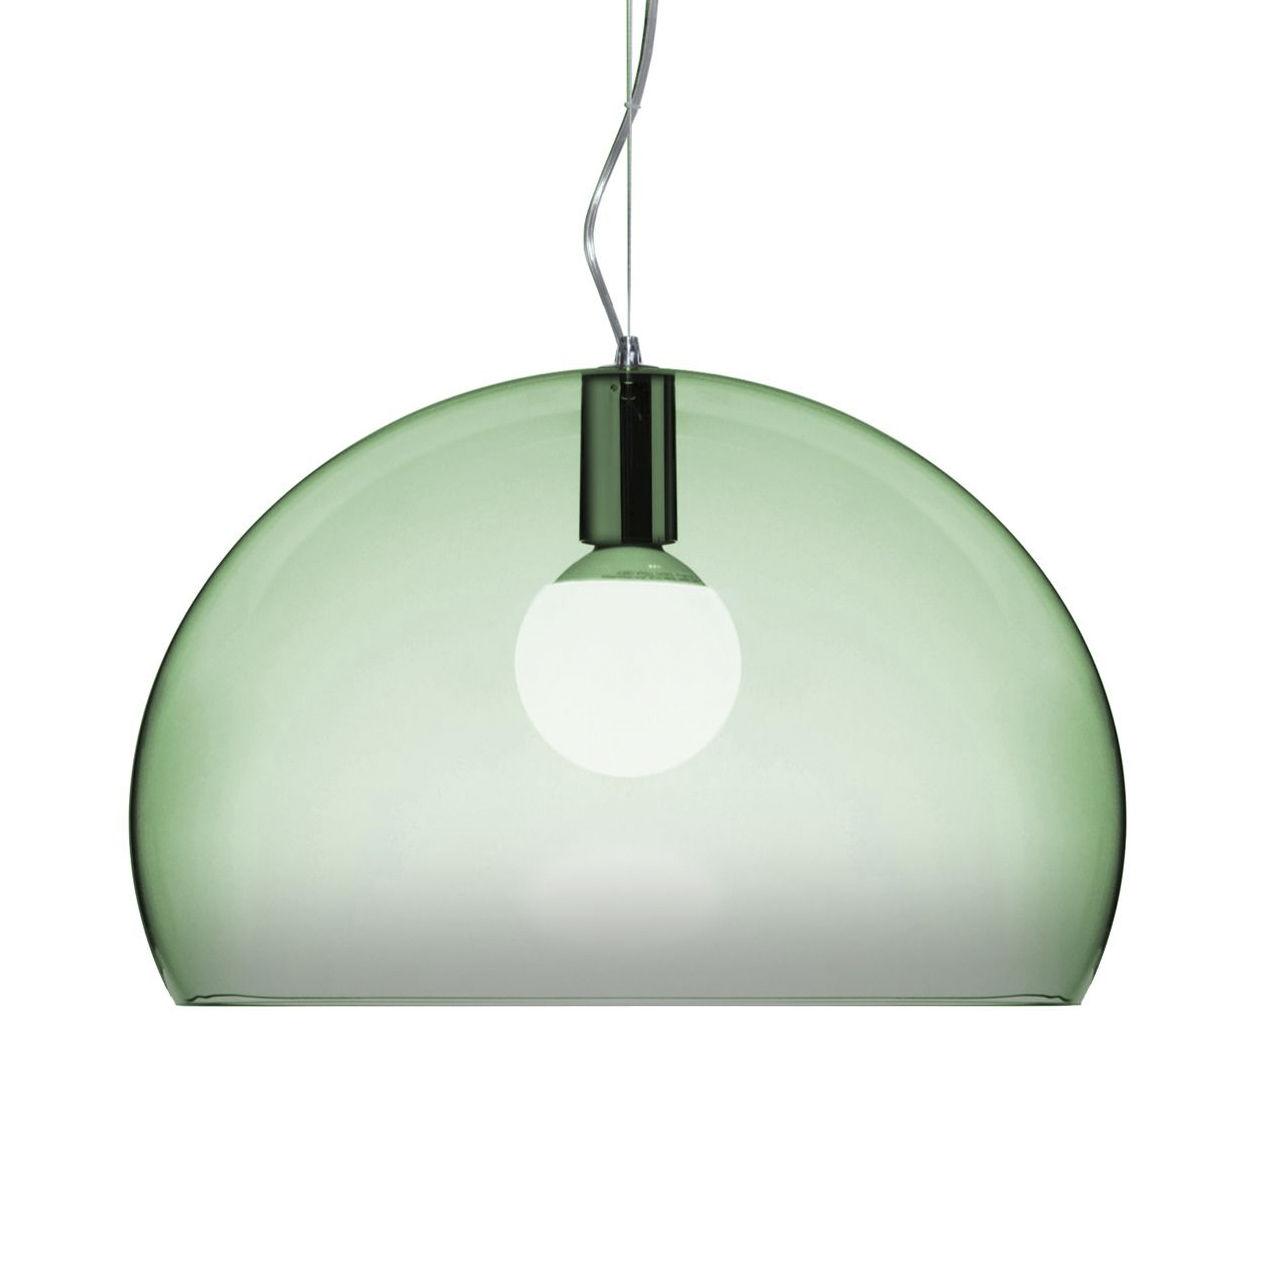 Λυχνία ανάρτησης FL / Y Small - Ø 38 cm Πράσινο φασκόμηλο Kartell Ferruccio Laviani 1